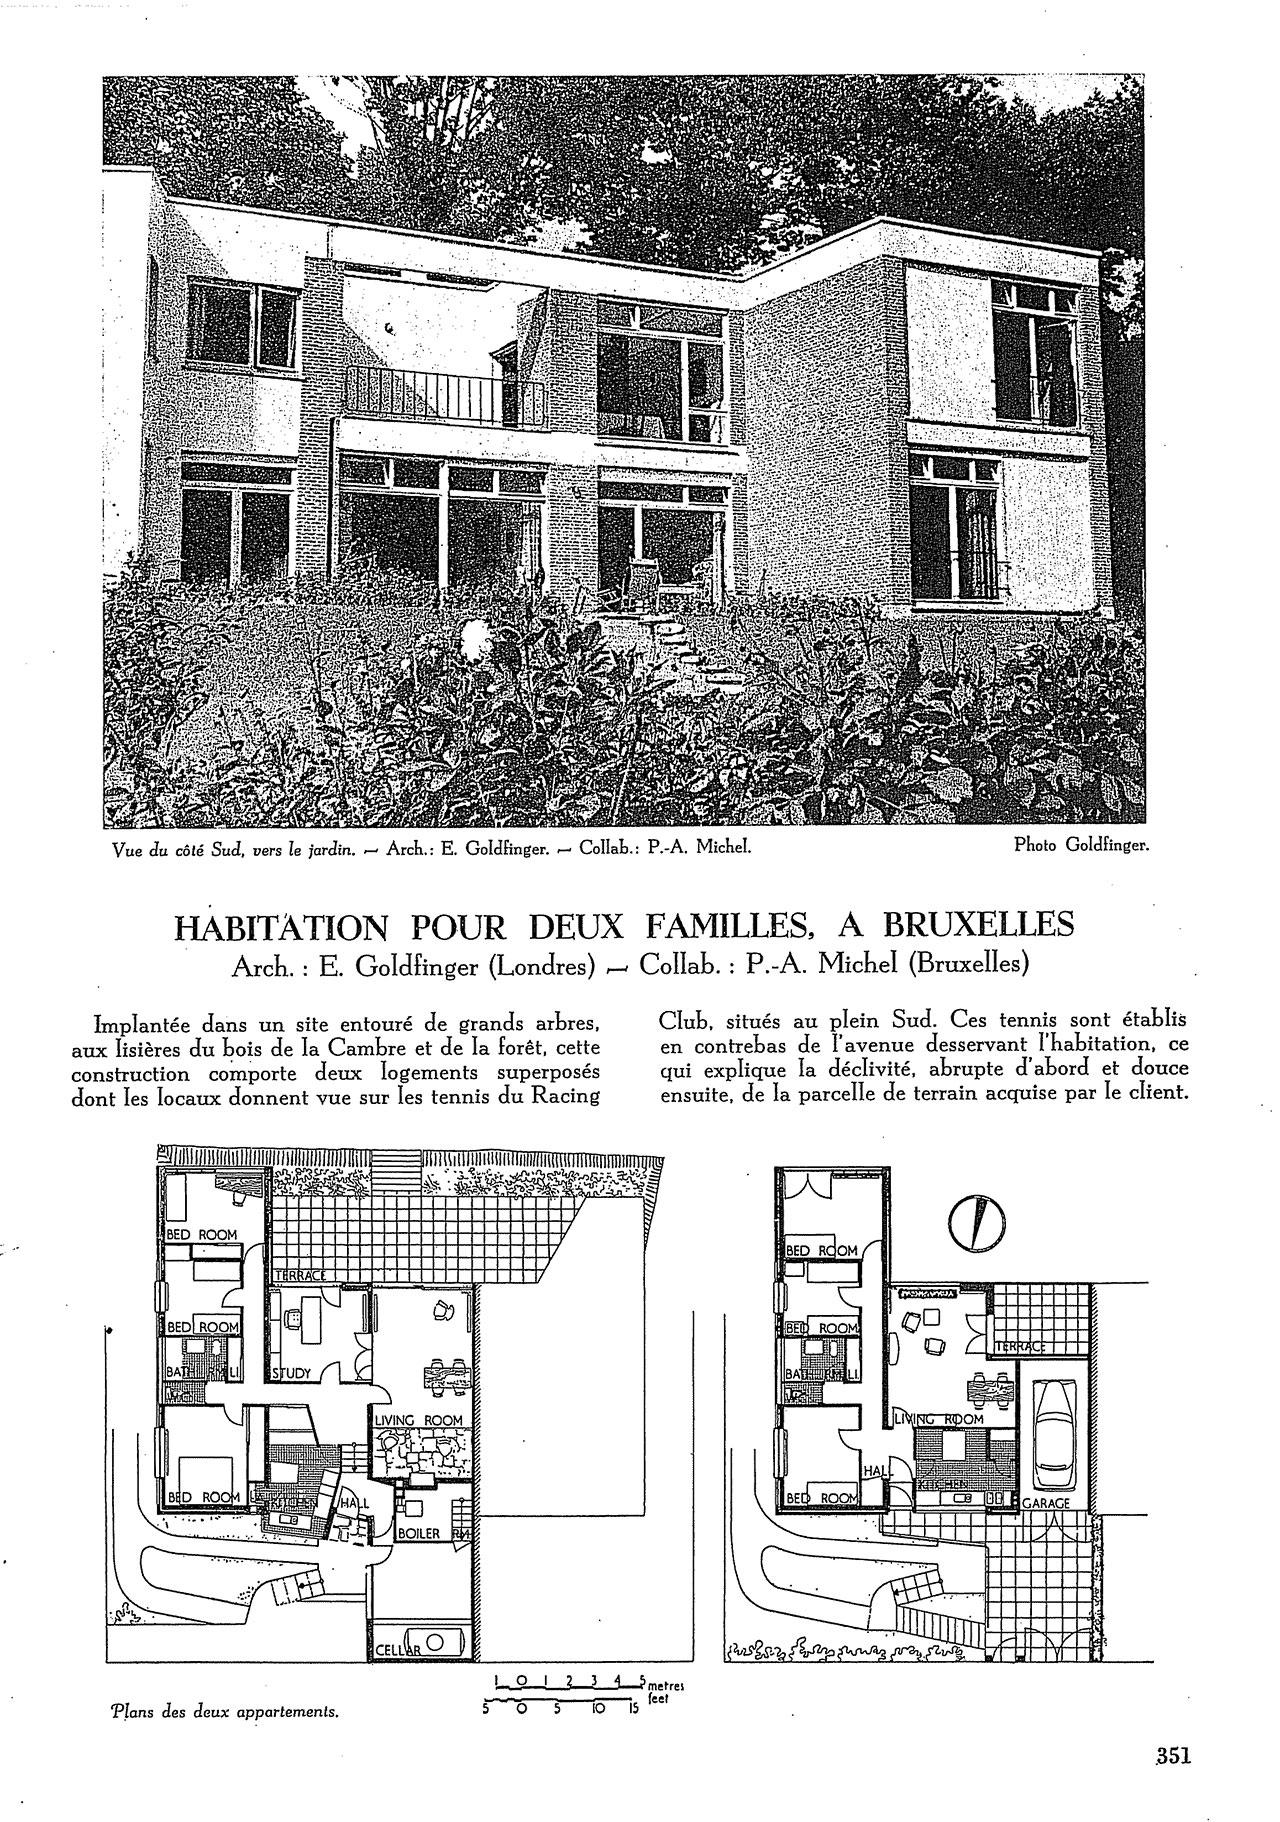 Habitation pour deux familles, à Bruxelles